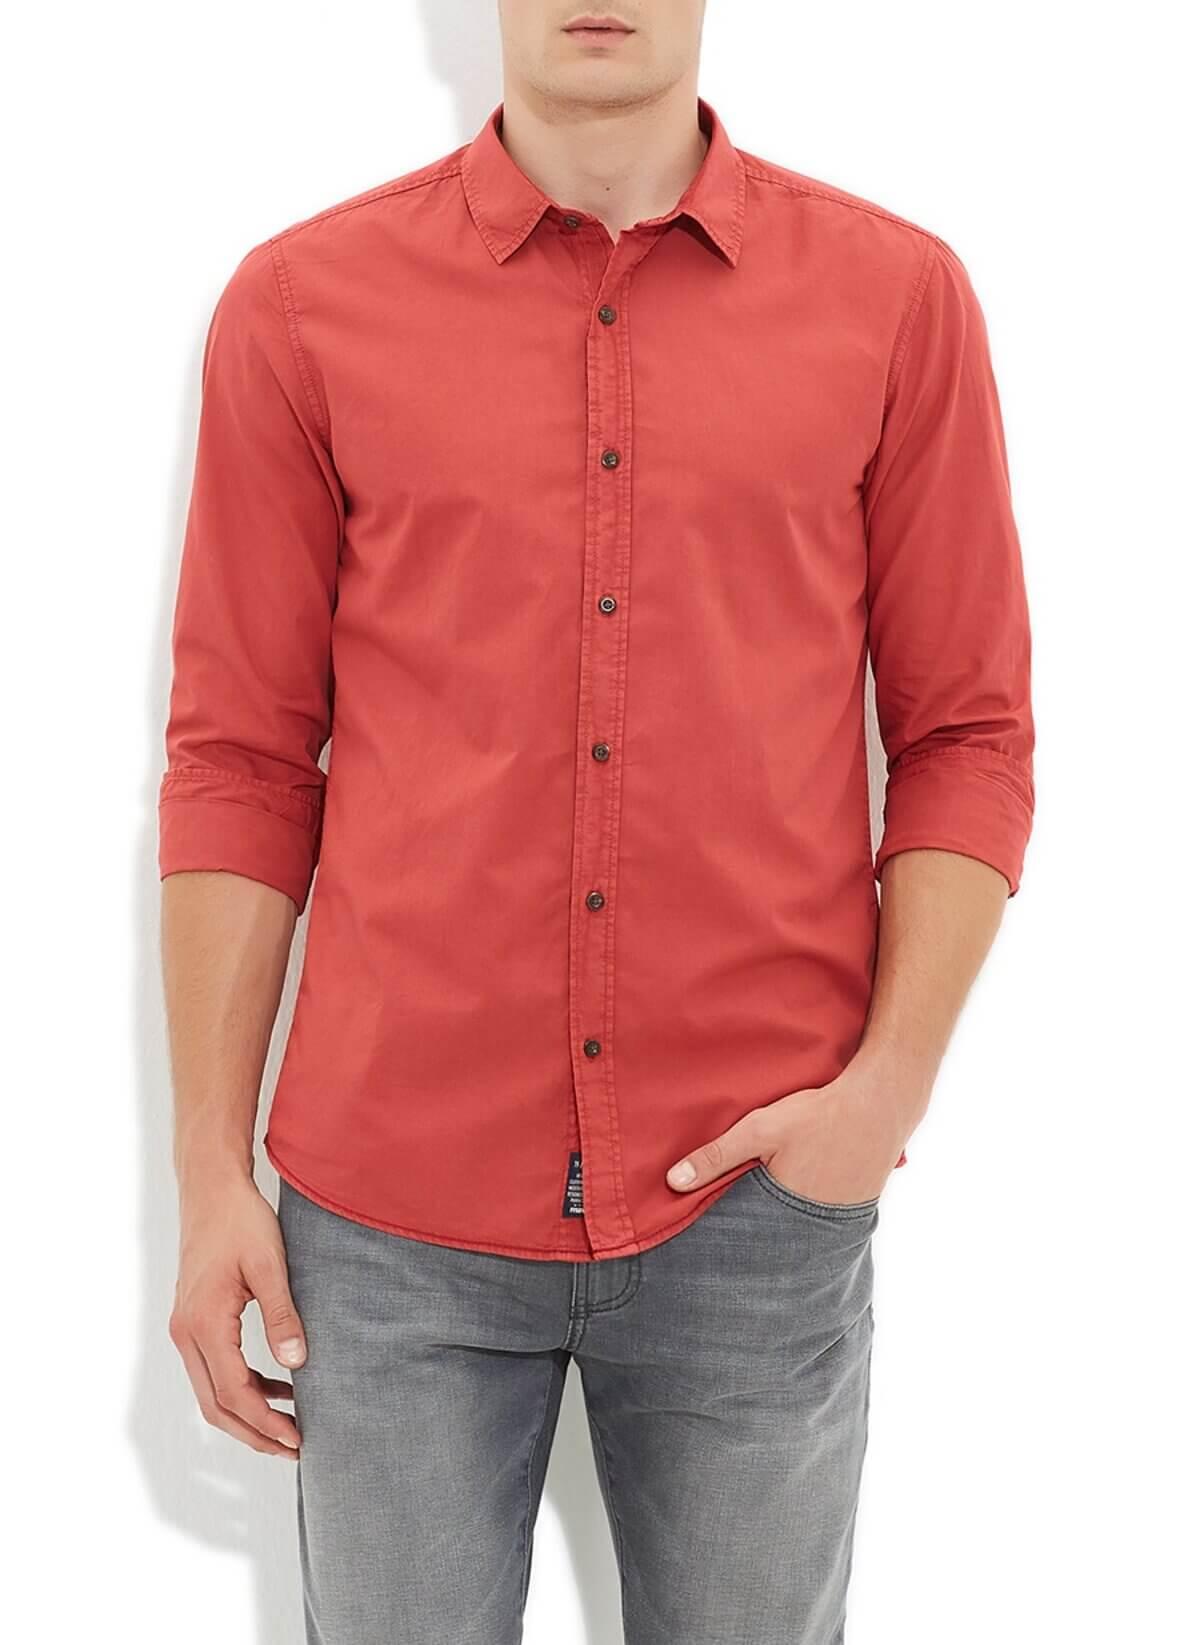 Mavi Jeans Erkek Koyu Kırmızı Uzun Kol Gömlek